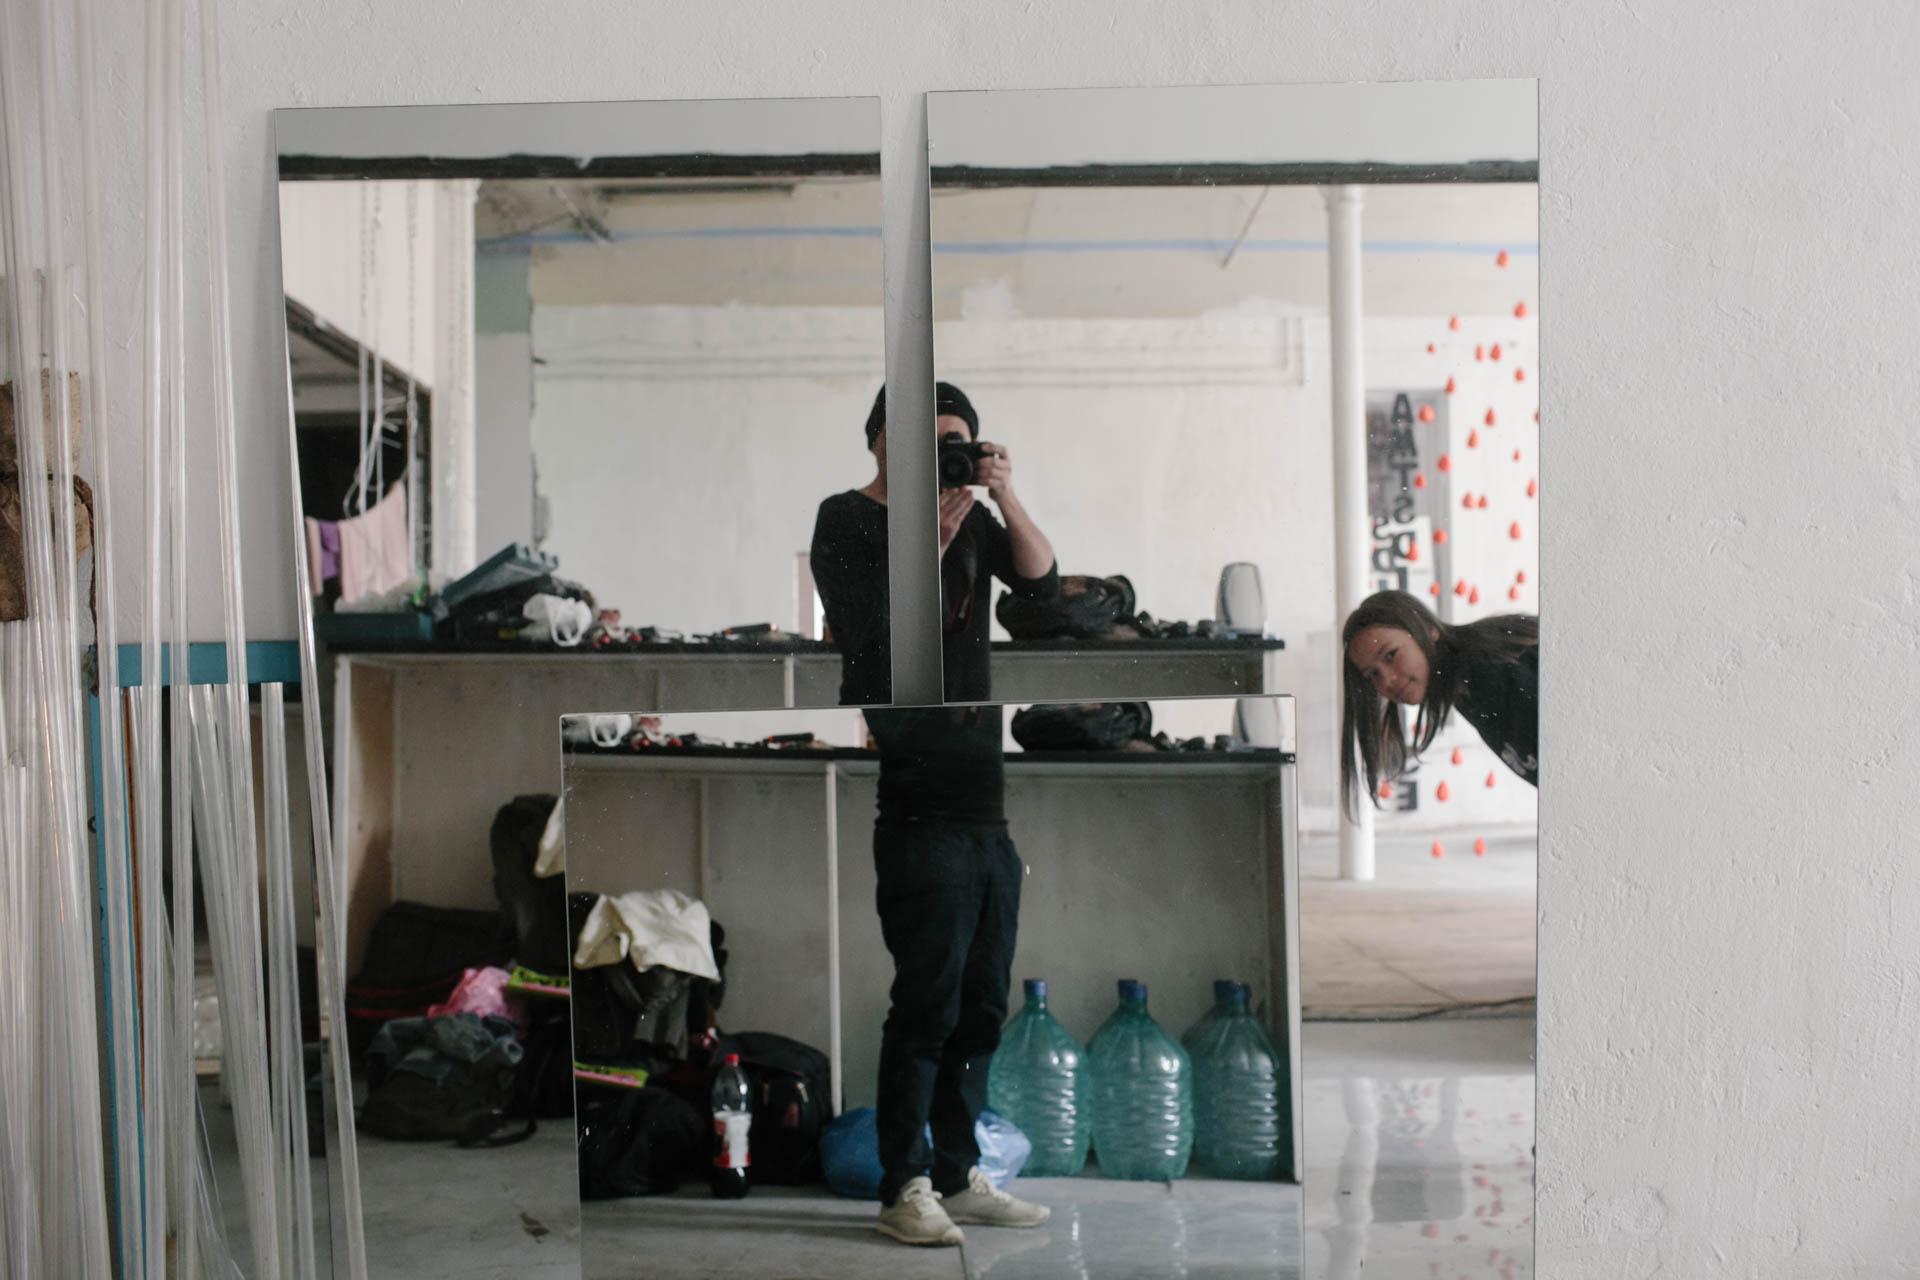 На фотографии я в отражении трёх зеркал. В кадр заглядывает Ульяна. У меня Canon в руках, на ногах Reebok, бутылки, сумки, стена. Это Москва. Это Артдепартамент. Мы в гостях и скоро пойдём гулять.